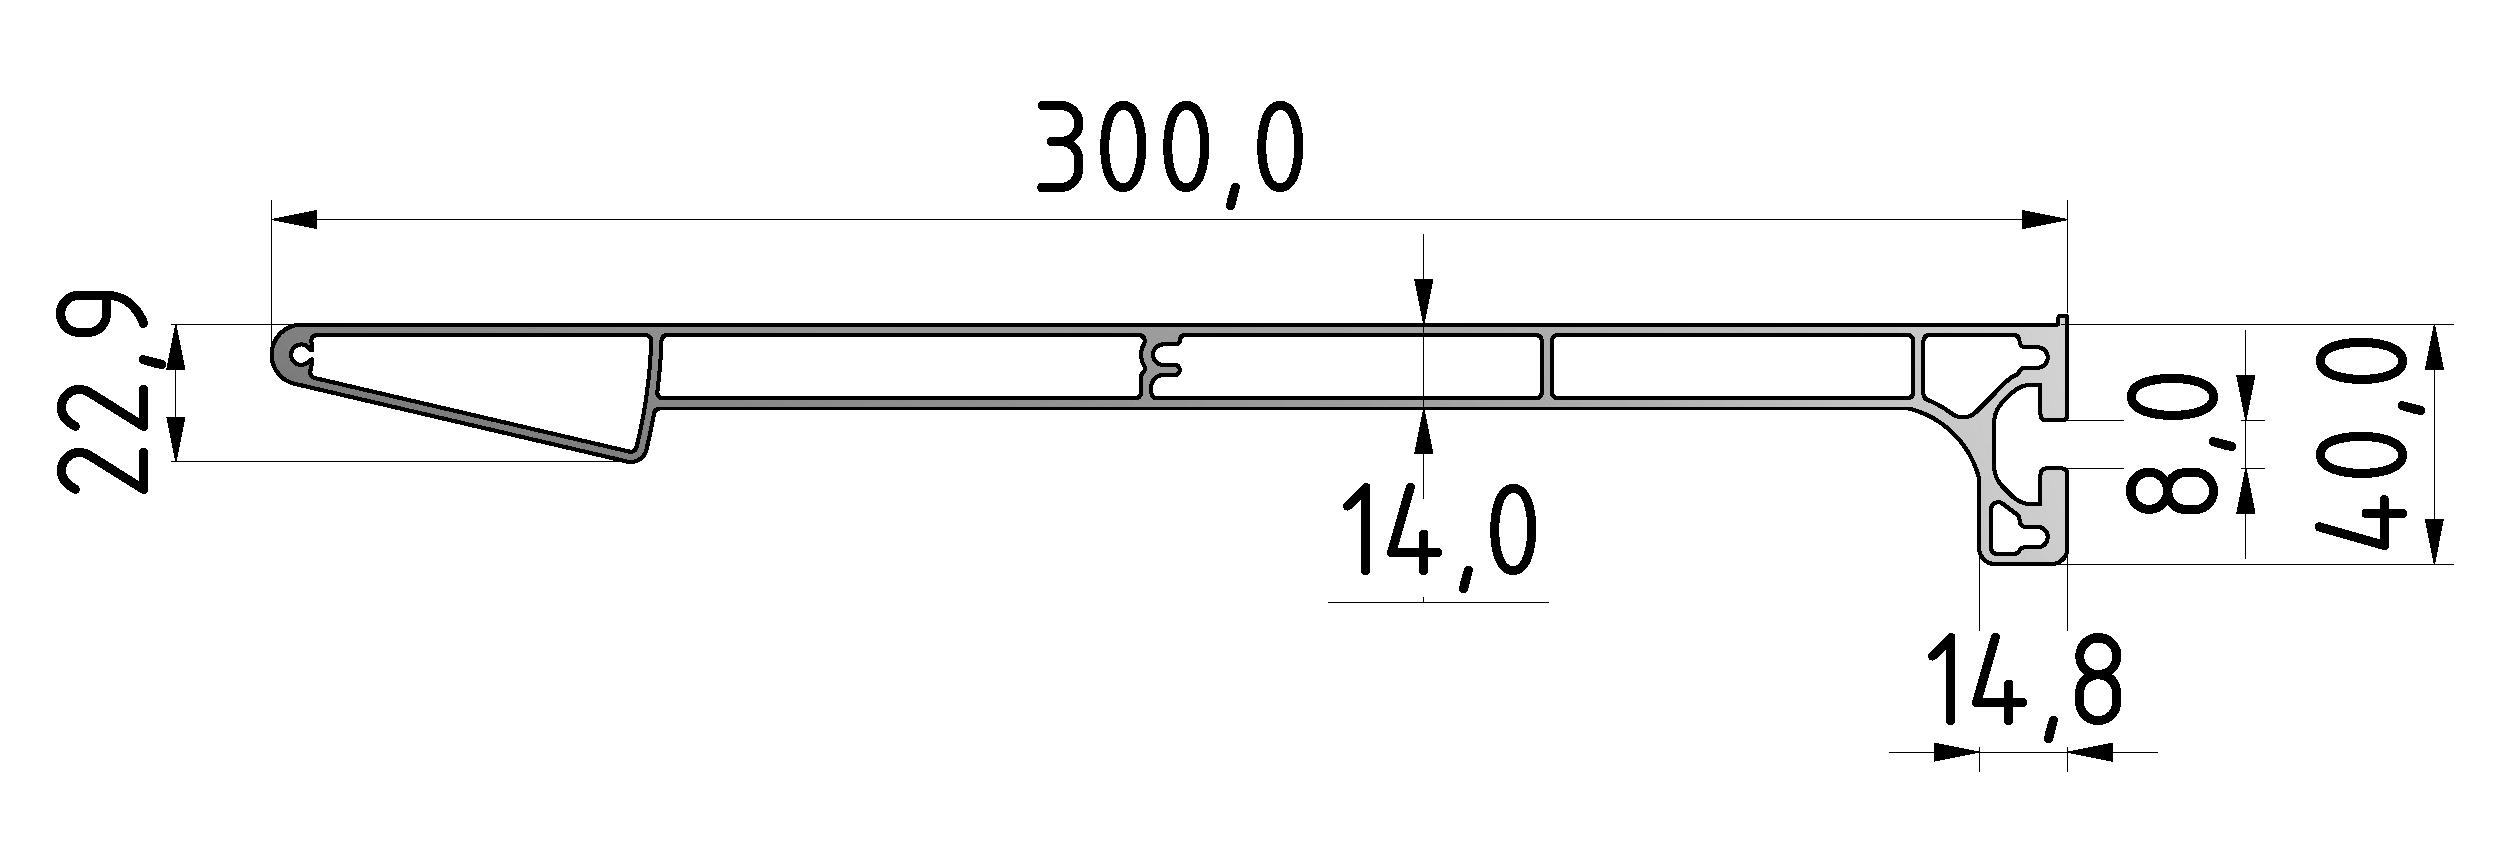 Regalbodenprofil 300, natur-8